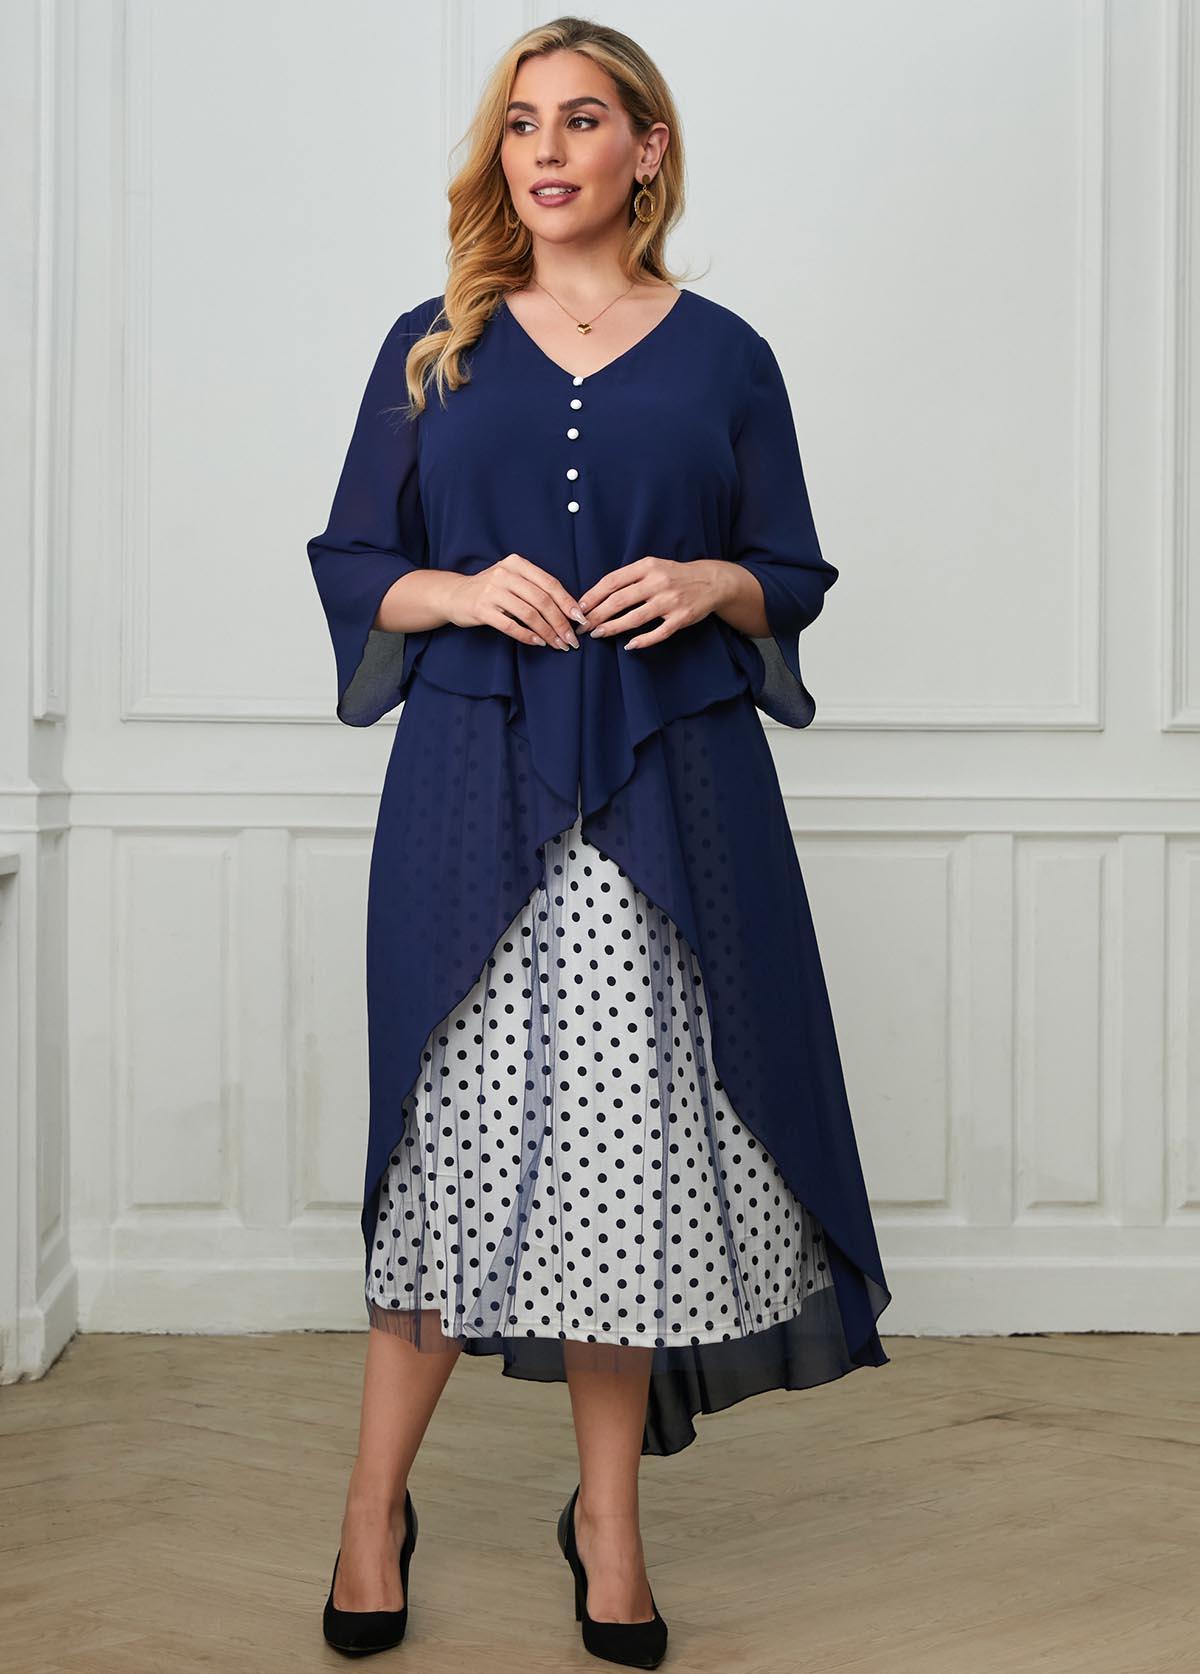 Plus Size Mesh Stitching Polka Dot Layered Dress